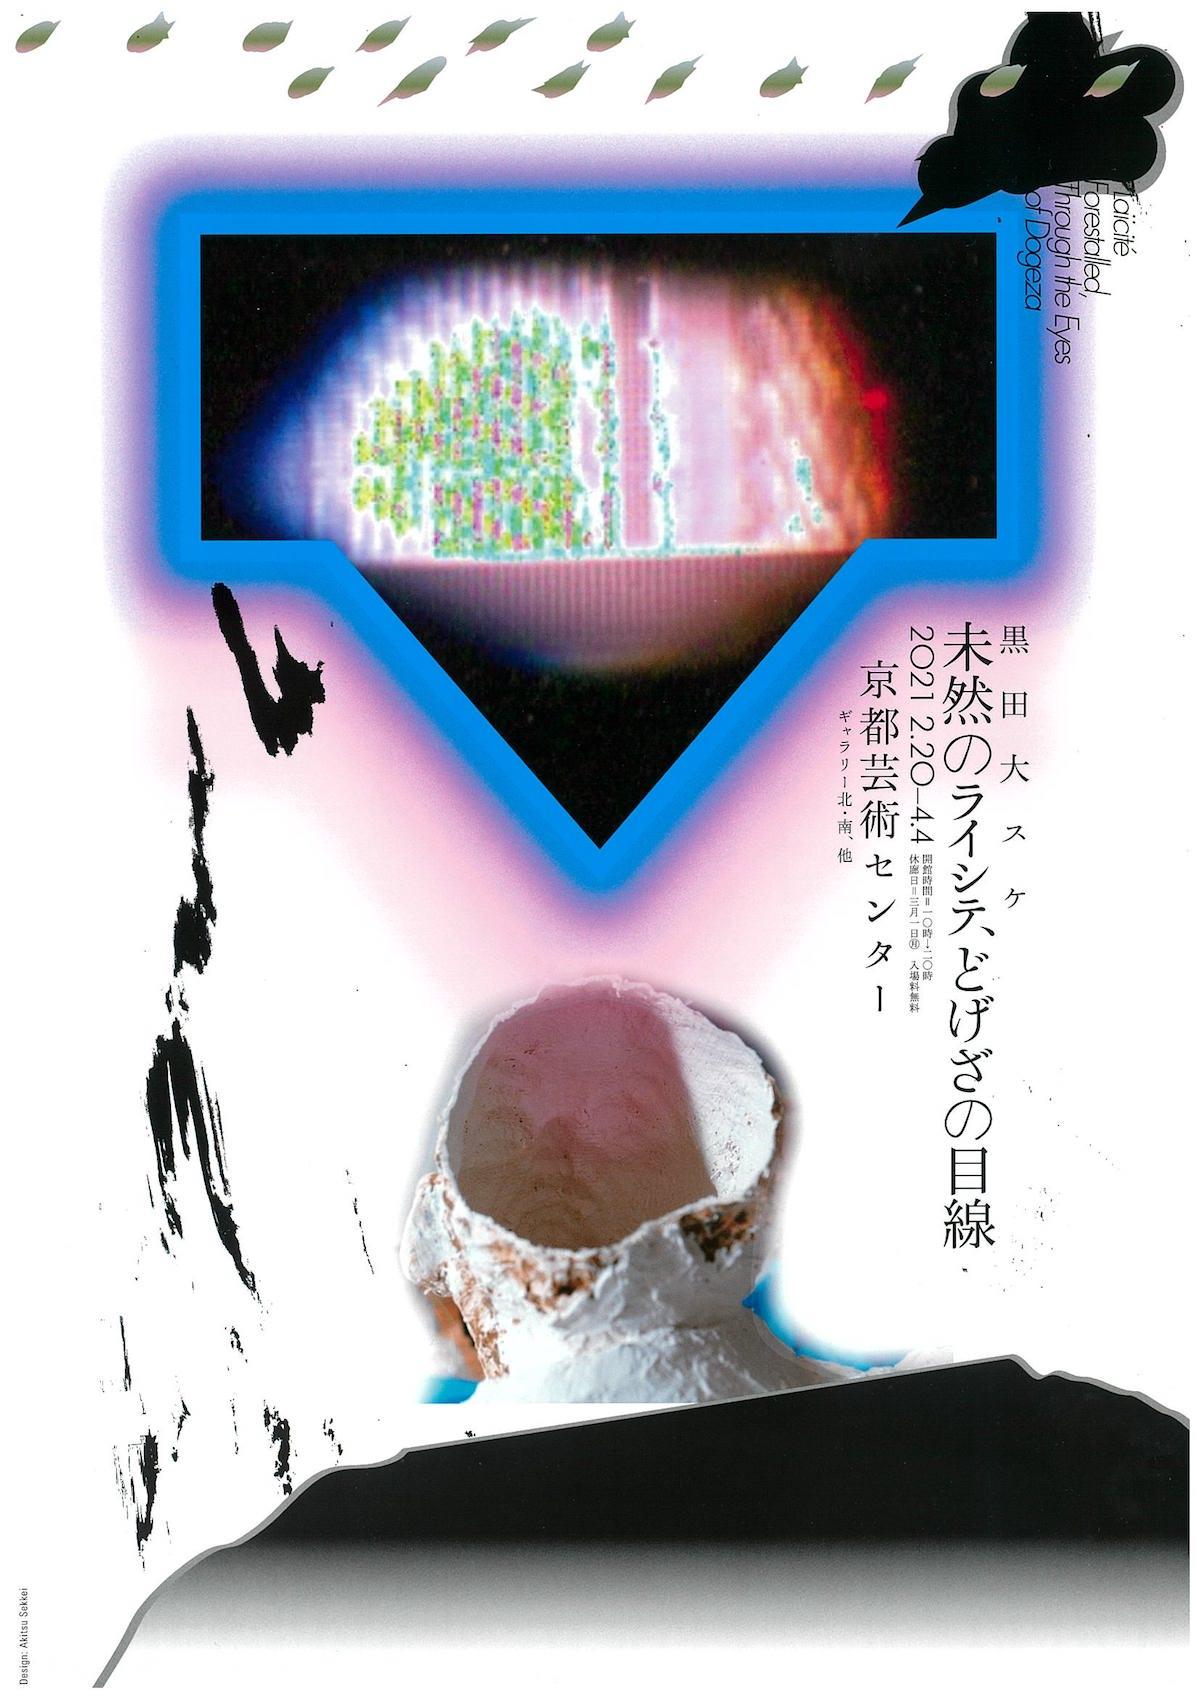 今週末行きたいイベント8選 in 関西 2月27日(土)~3月7日(日)